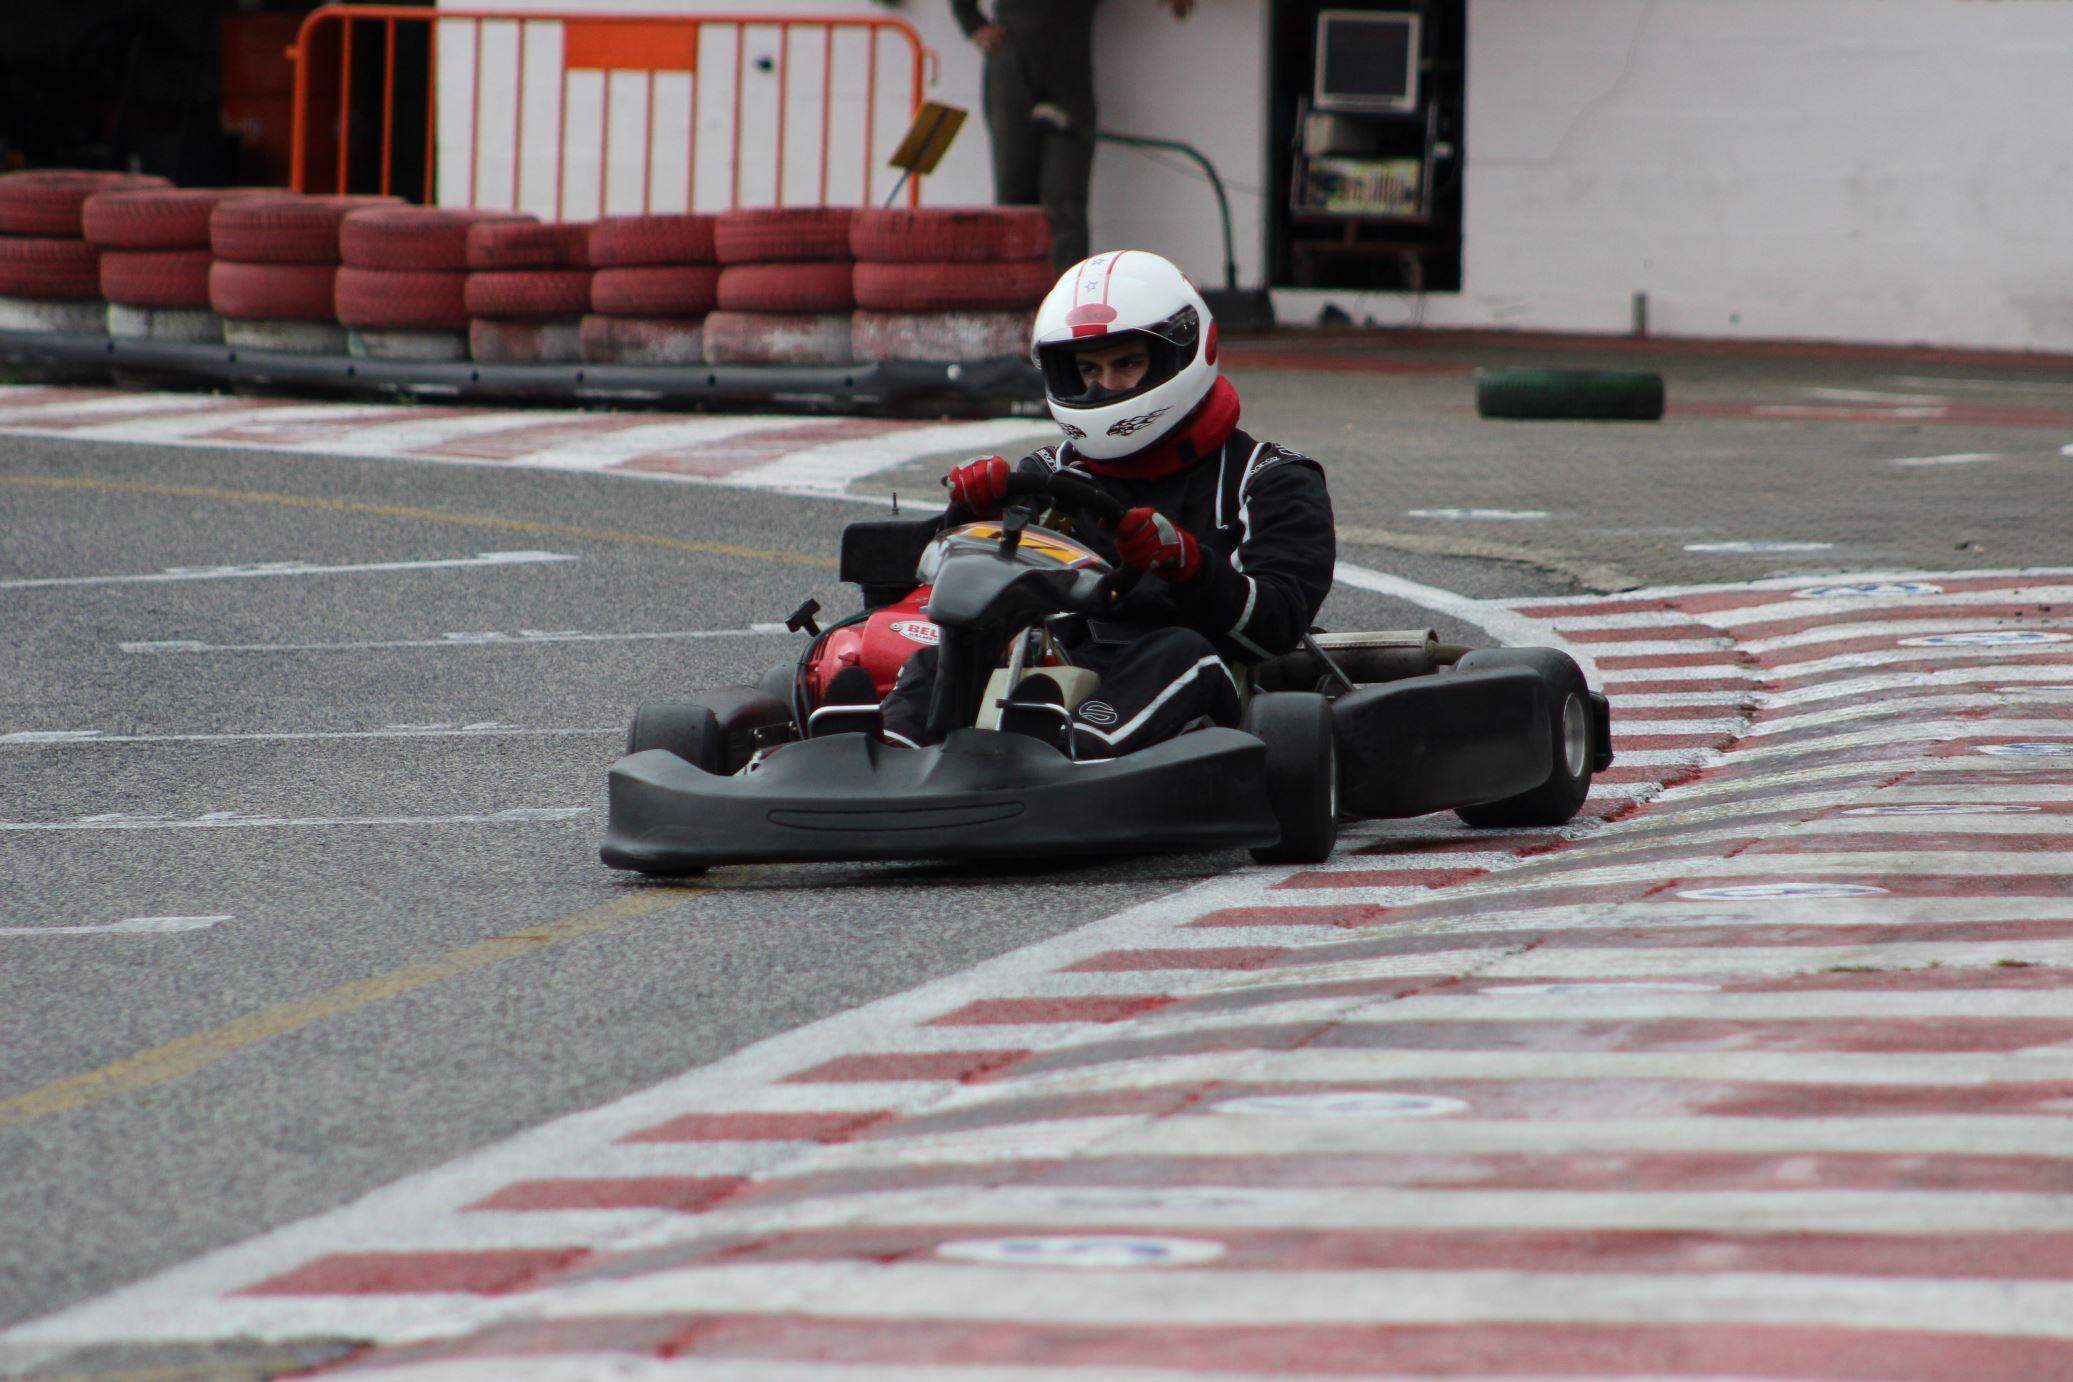 Troféu Honda 2014 - 2ª Prova101